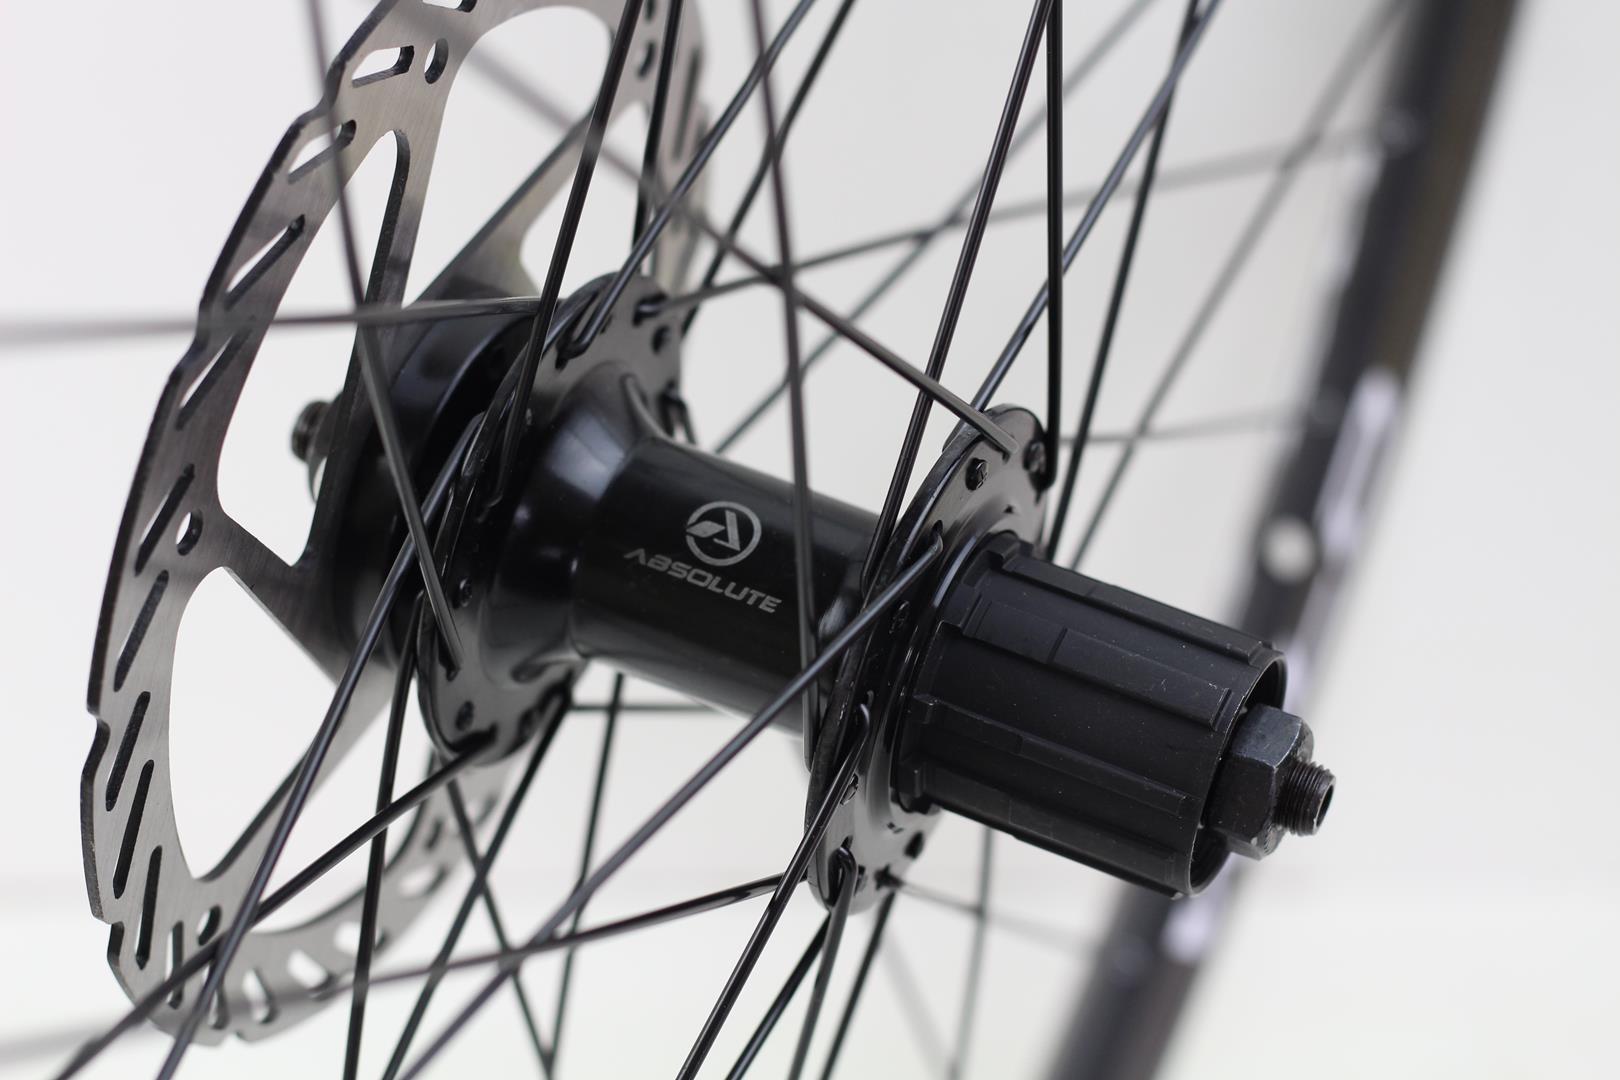 Rodas Bicicleta MTB Absolute Wild Disc Aro 29 Alumino Eixo 9 Preta com Cubo Preto + Discos